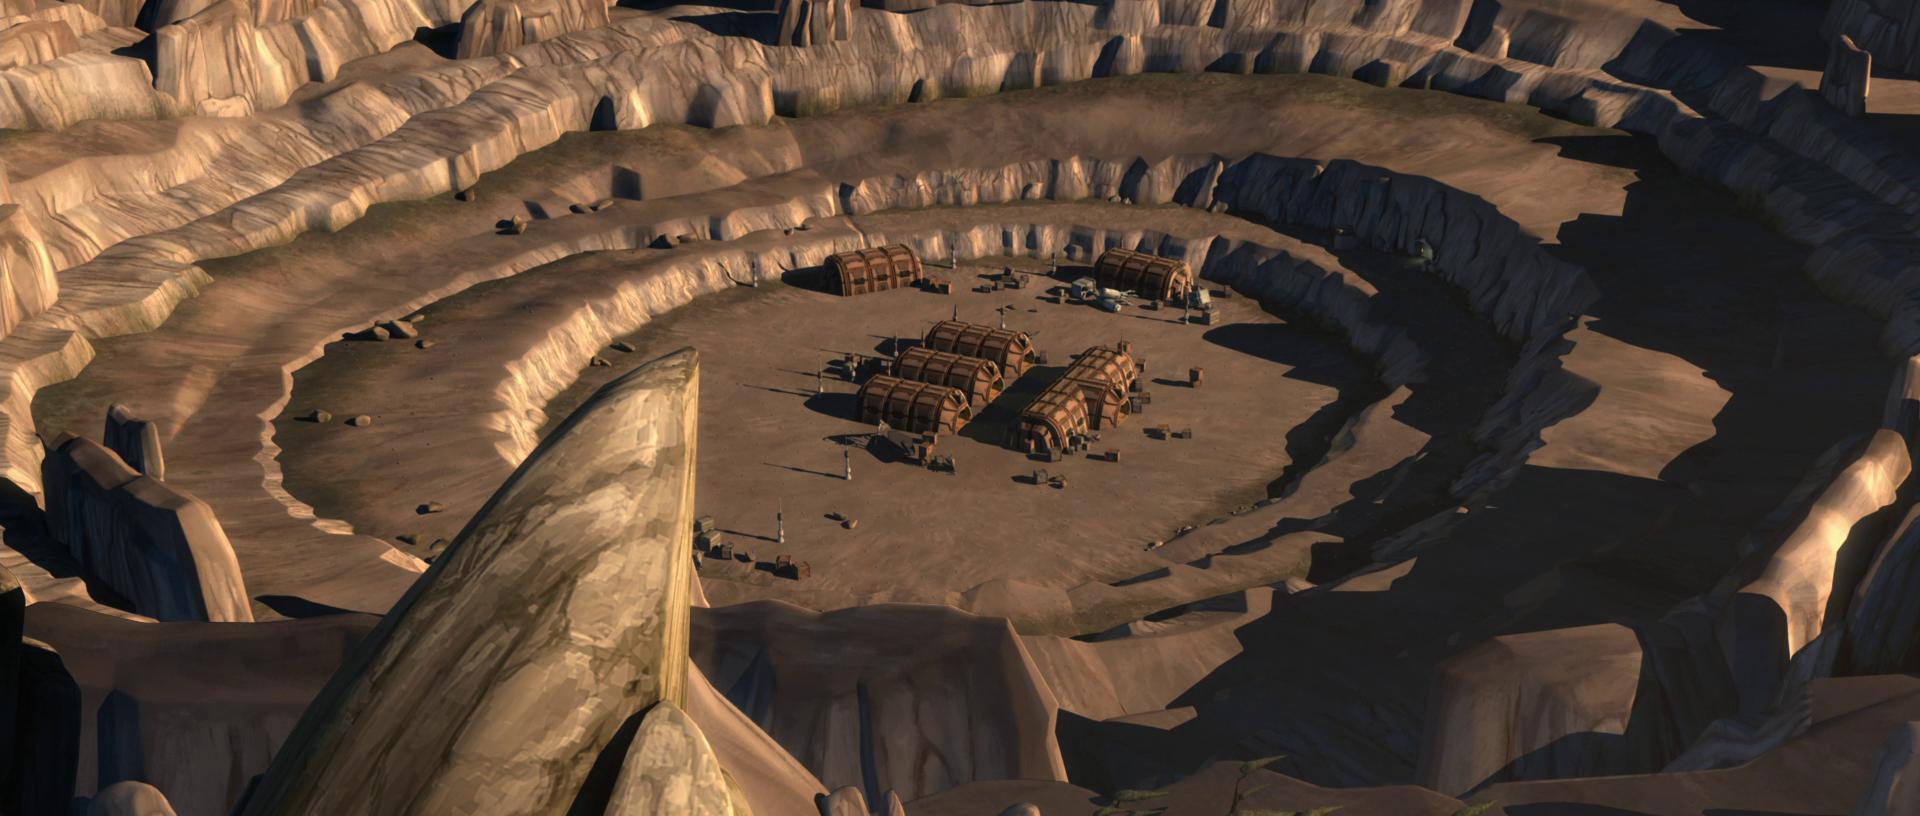 コンコーディアの鉱山